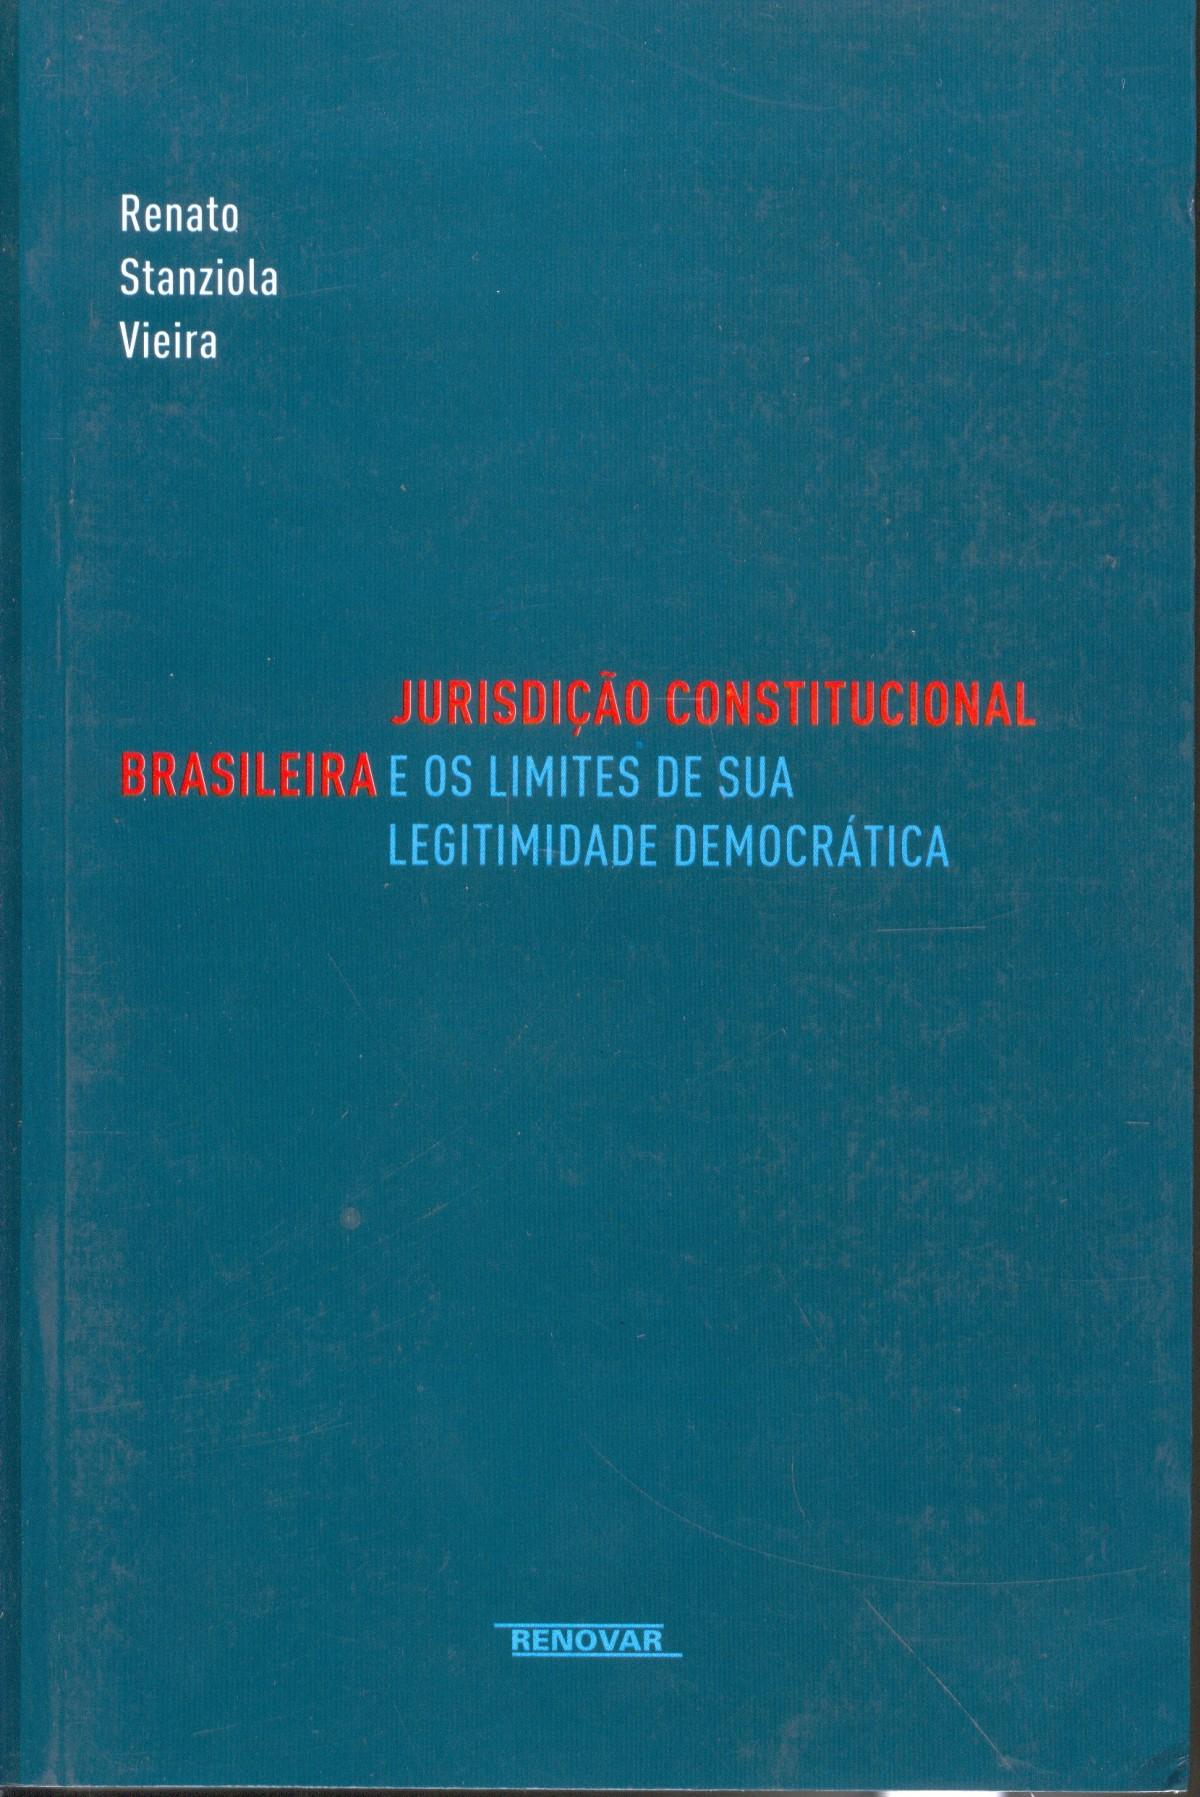 Foto 1 - Jurisdição Constitucional Brasileira e os Limites de sua Legitimidade Democrática